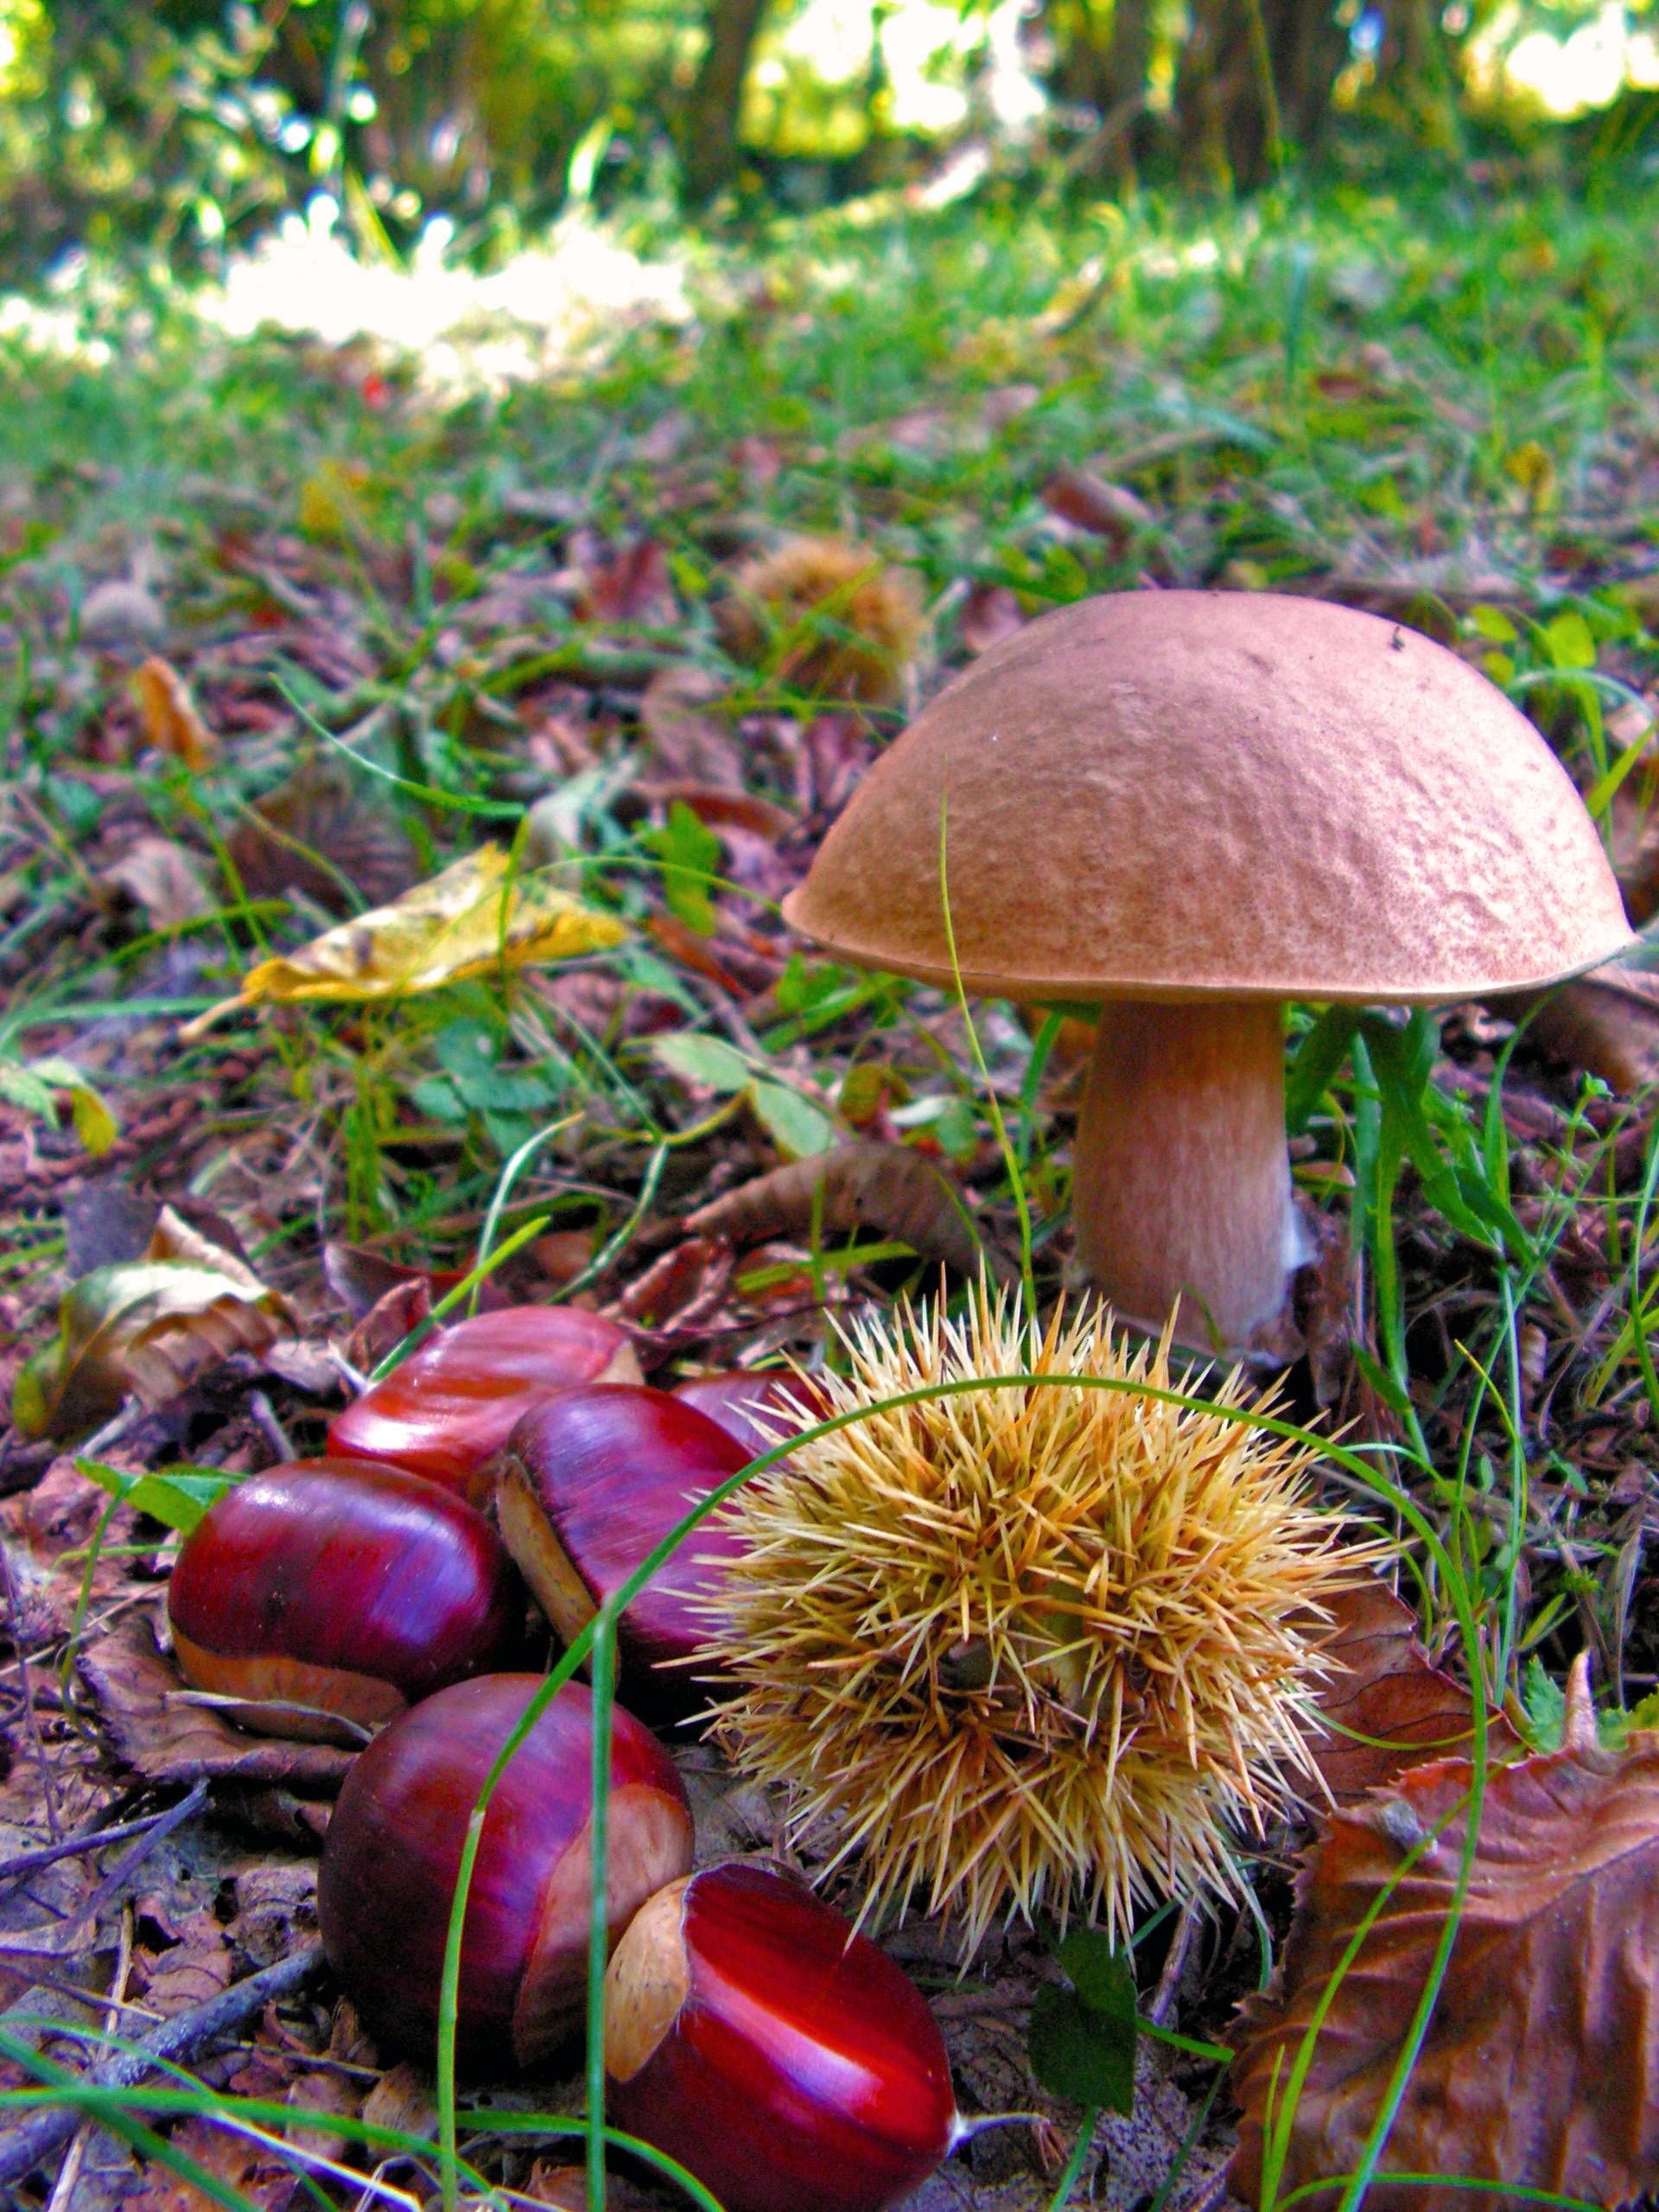 Sortie champignons annulée